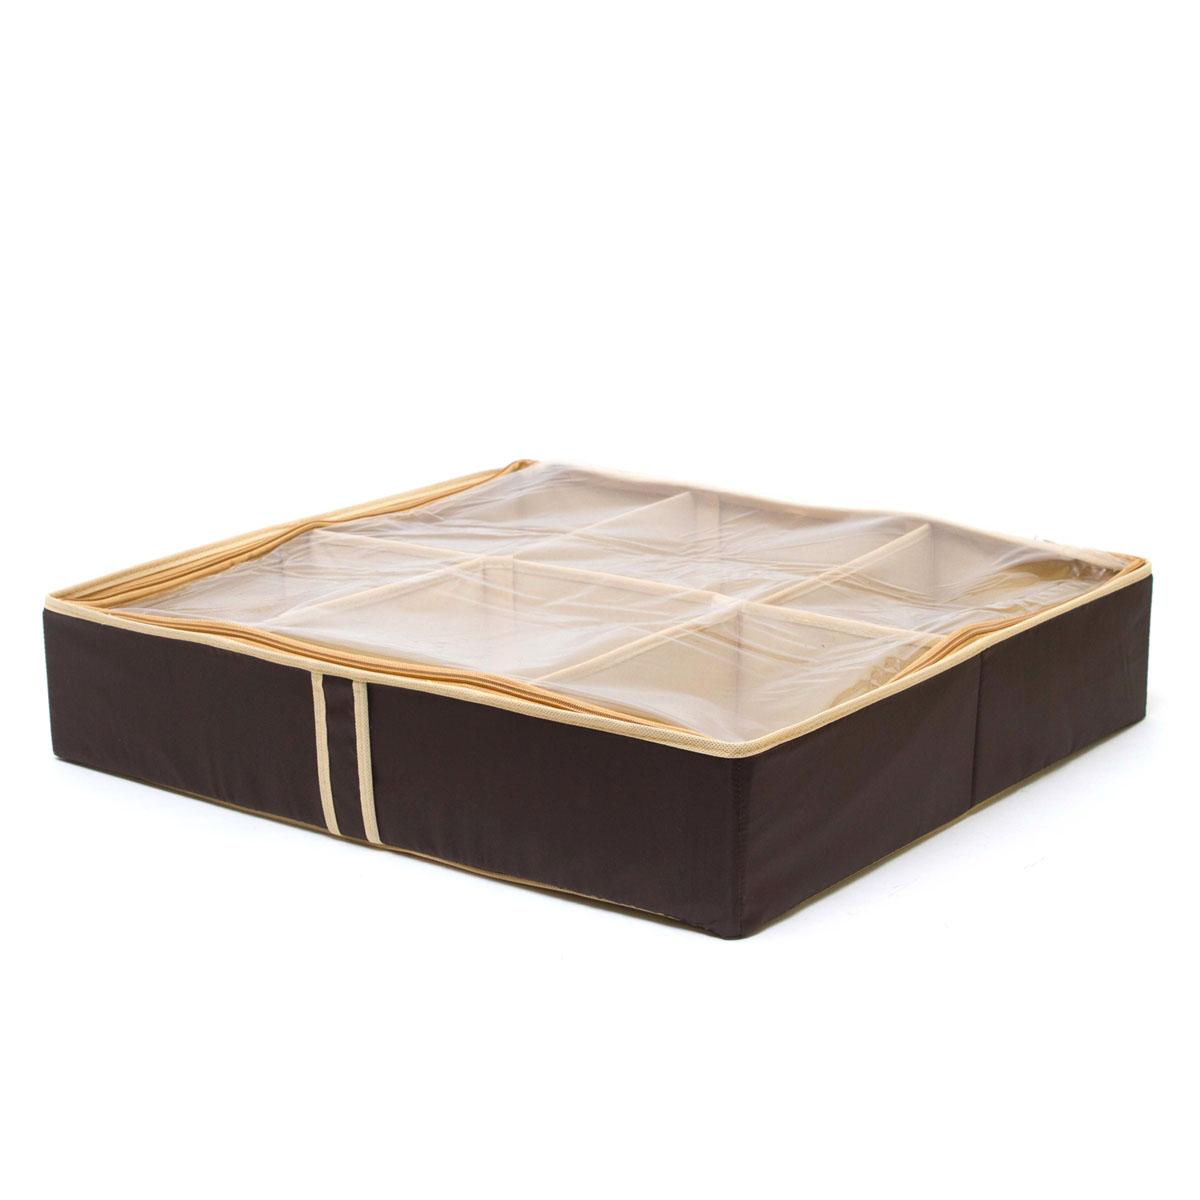 Органайзер для хранения обуви Homsu Costa-Rica, 6 секций, 56 х 52 х 12 смHOM-45Компактный складной органайзер Homsu Costa-Rica изготовлен из высококачественного полиэстера, который обеспечивает естественную вентиляцию. Материал позволяет воздуху свободно проникать внутрь, но не пропускает пыль. Органайзер отлично держит форму, благодаря вставкам из плотного картона. Изделие имеет 6 секций для хранения обуви.Такой органайзер позволит вам хранить вещи компактно и удобно. Размер секции: 28 х 17 см.